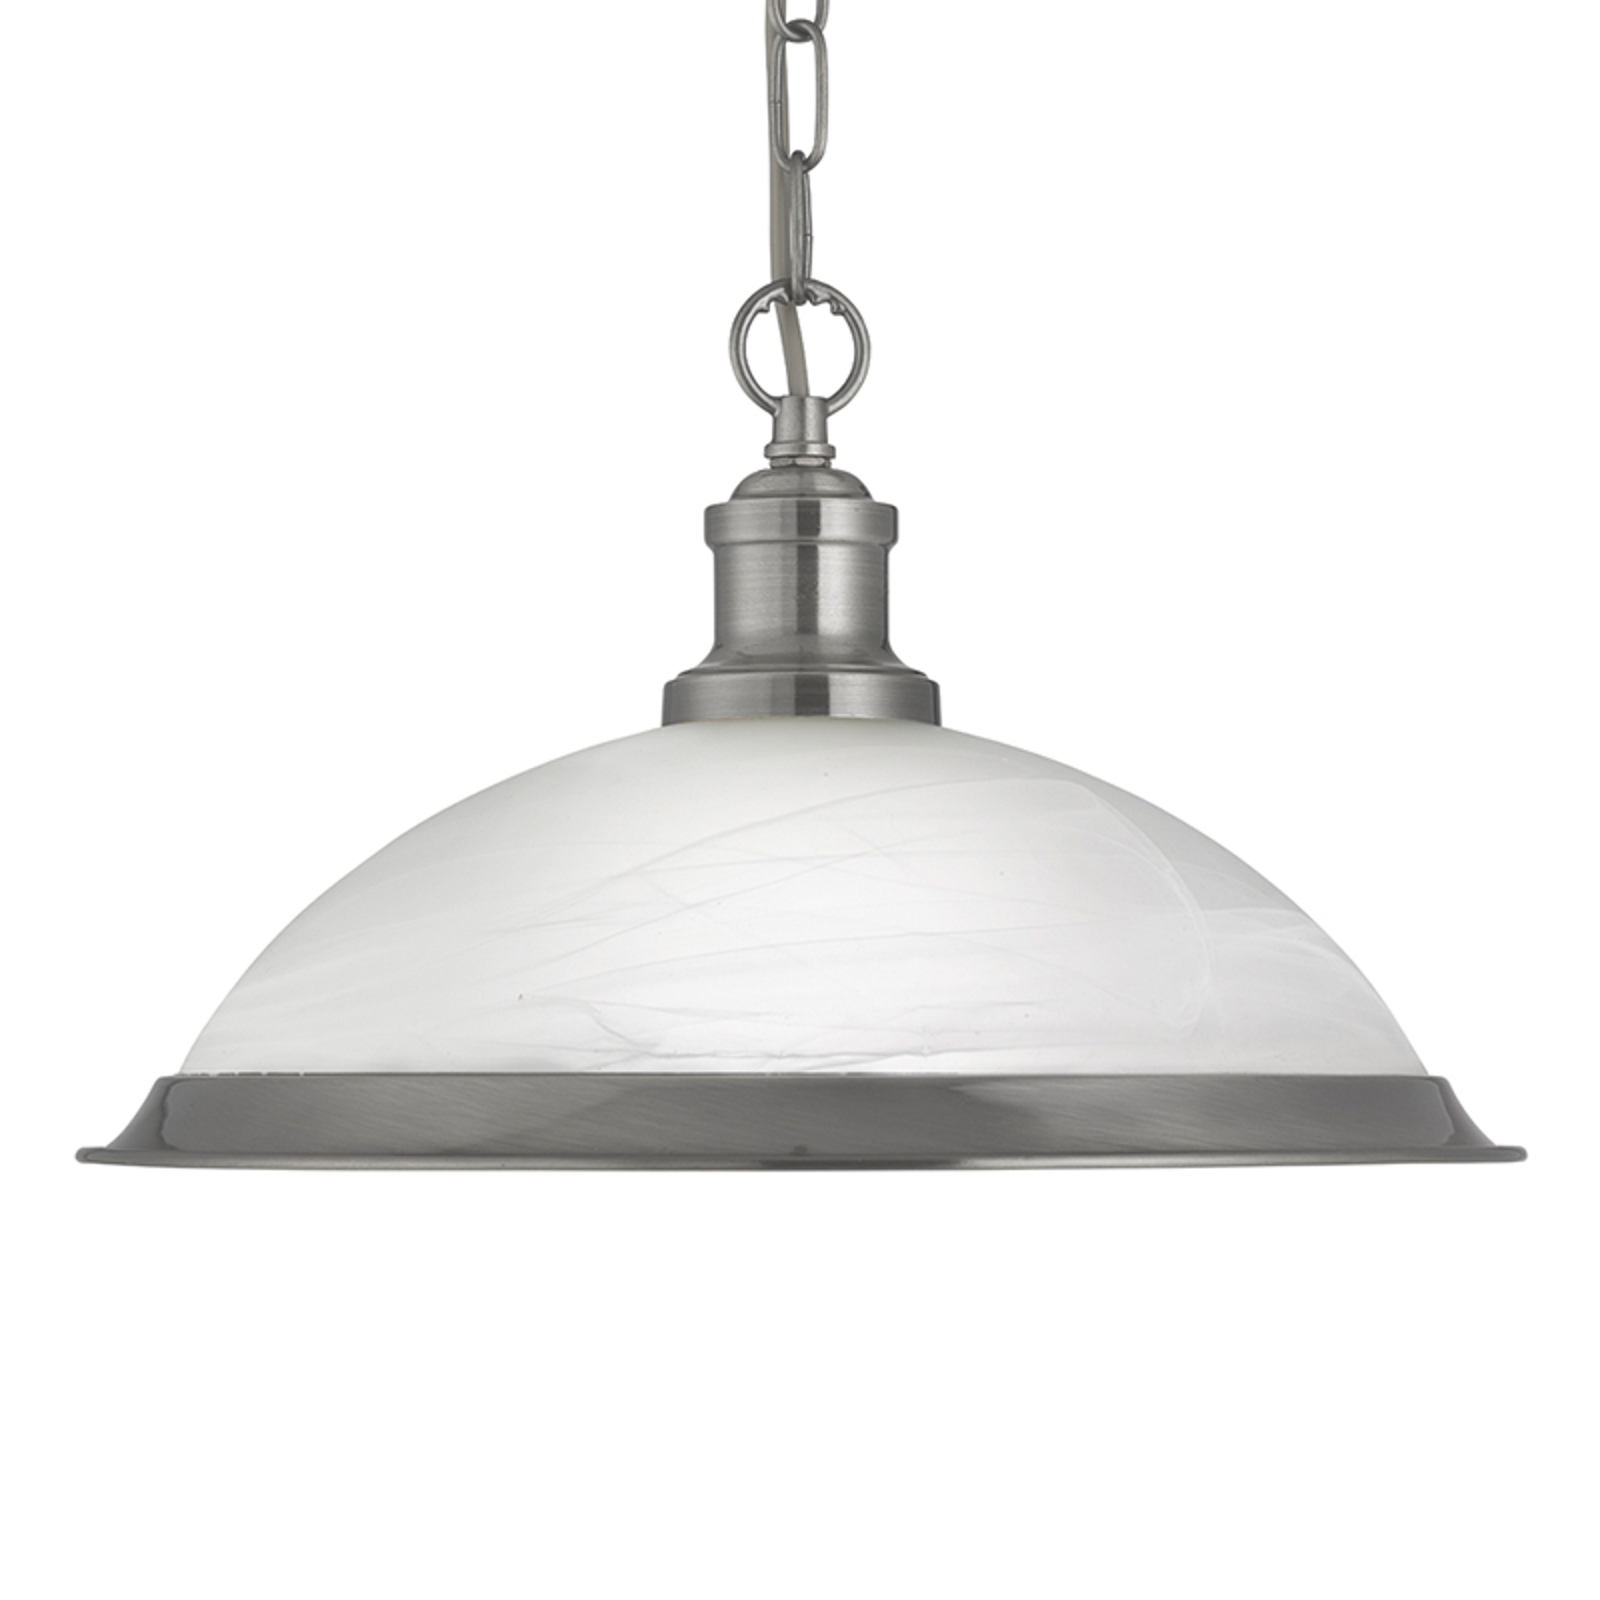 Mooie hanglamp Bistro in antiek ontwerp